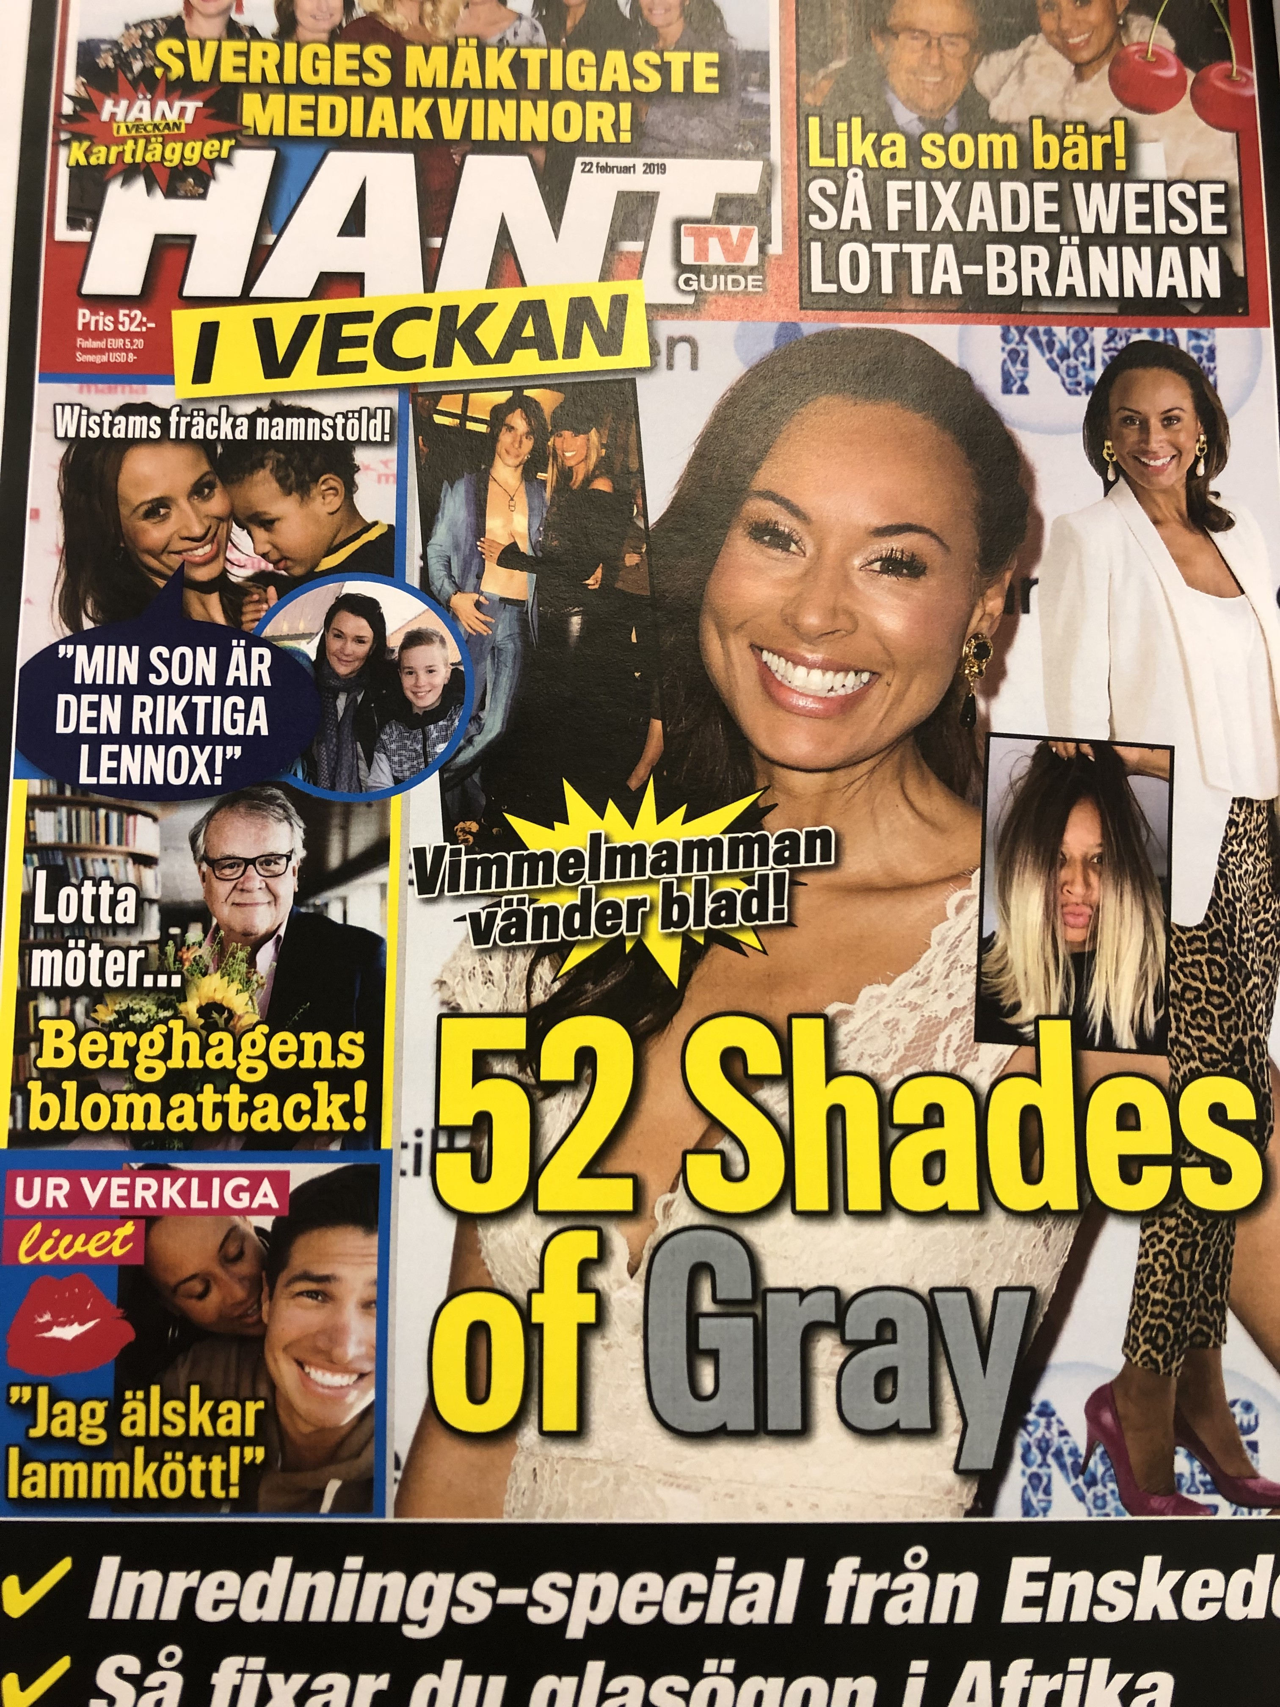 17 Magazine dating råd bästa dating webbplatser för tjugo somethings